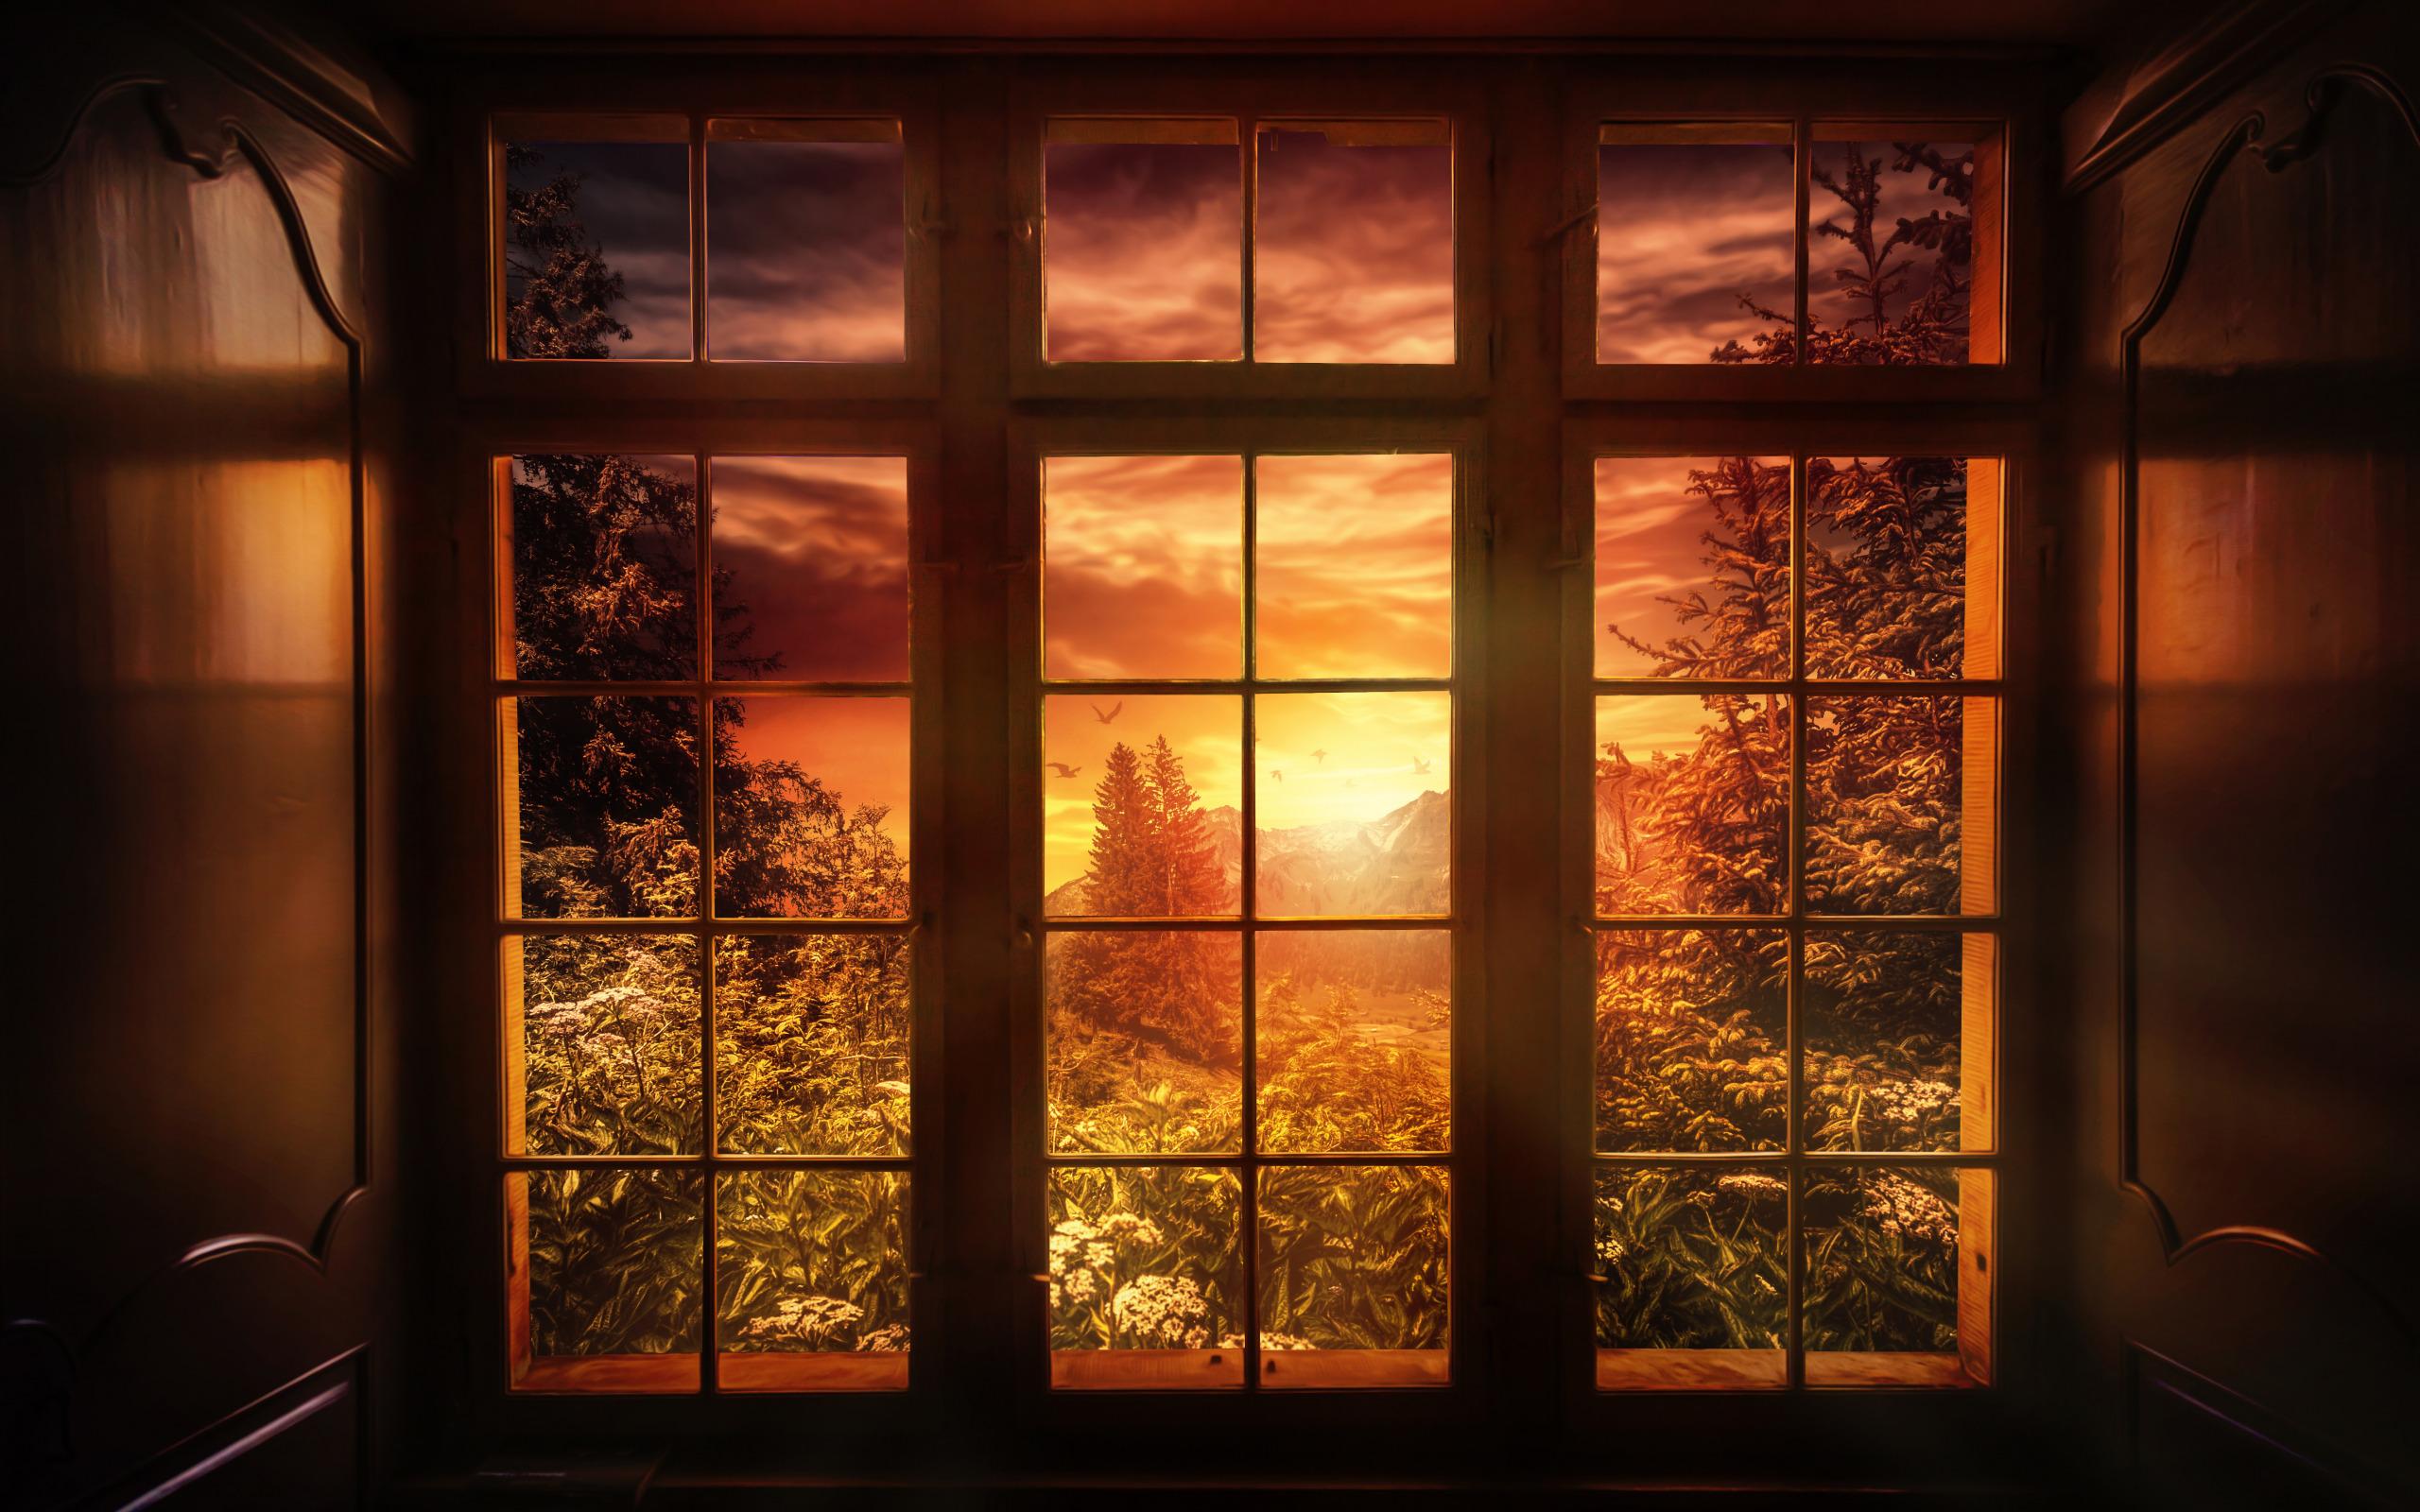 Картинка в окне